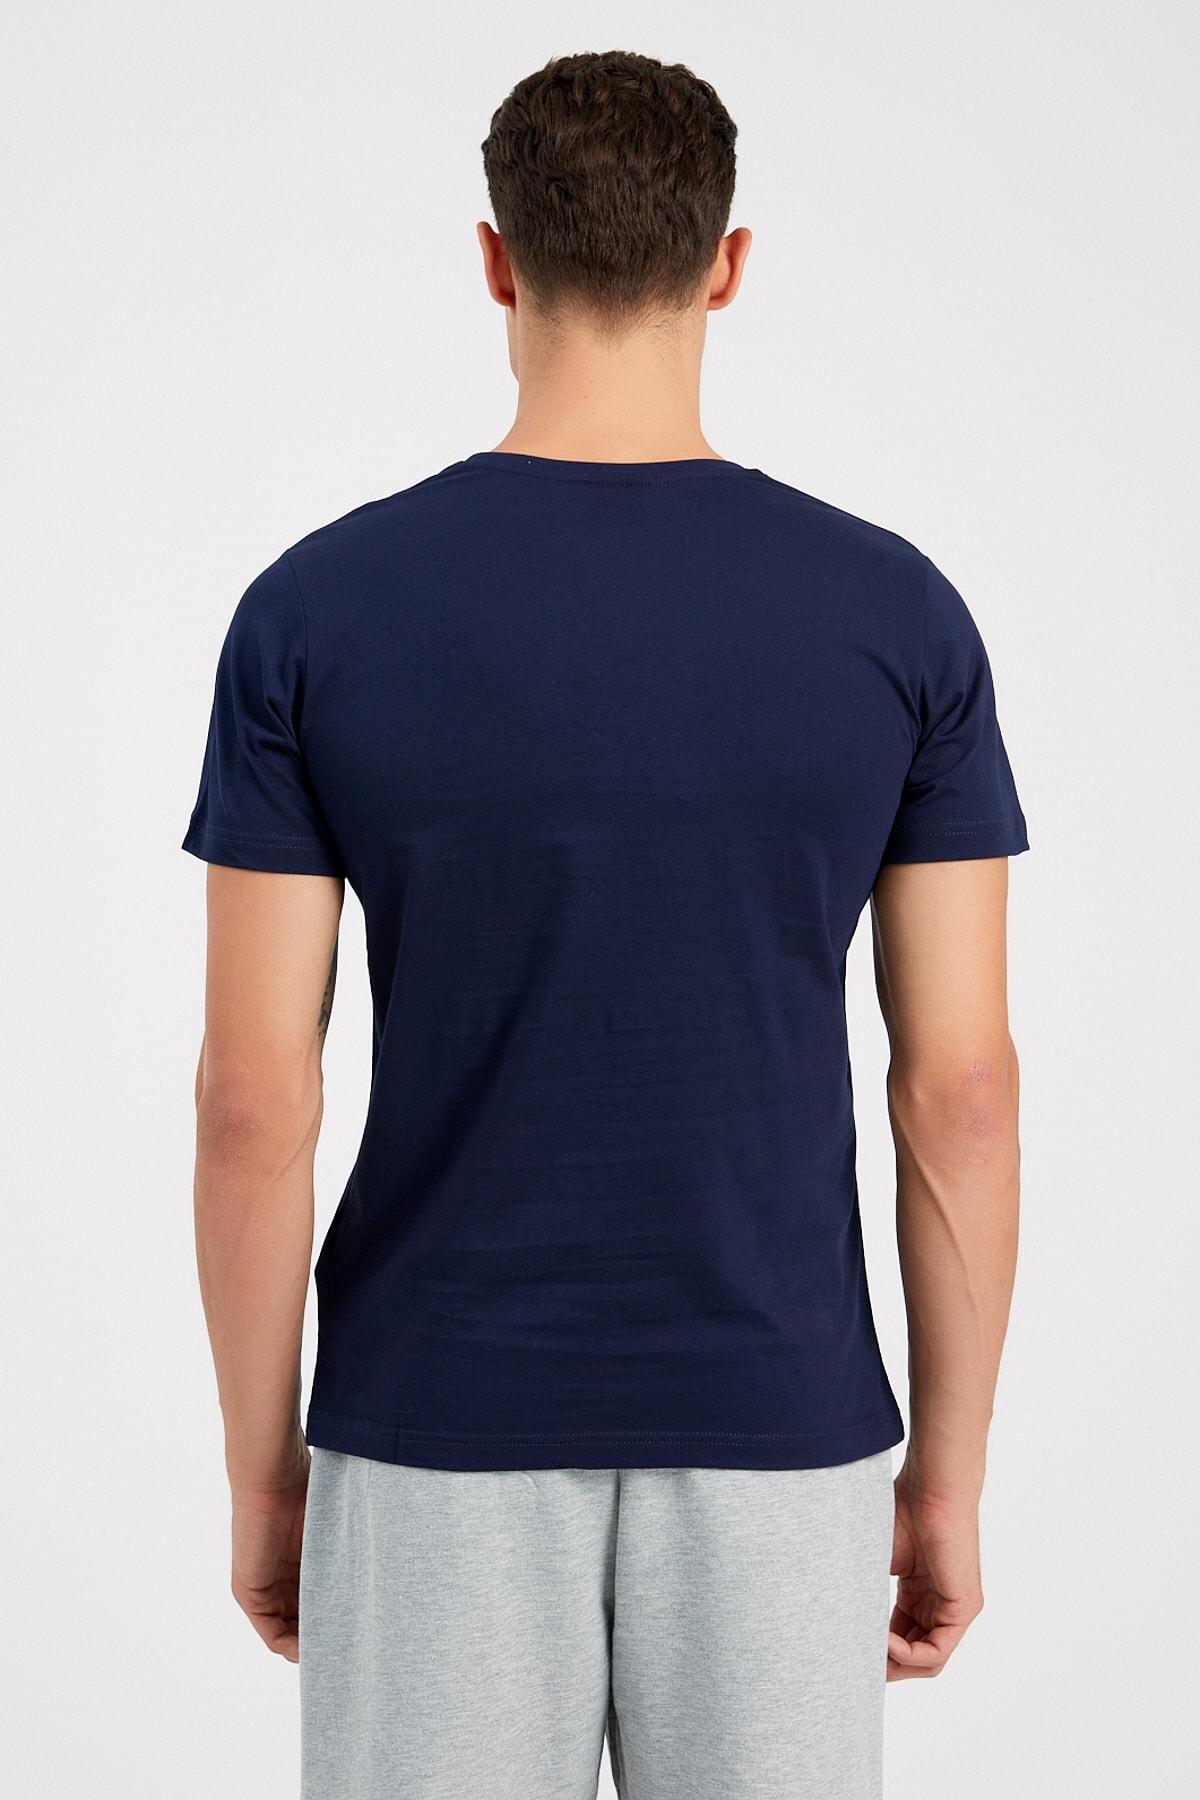 HUMMEL Erkek Spor T-shirt - Hmlsamuel Ss Tee 2